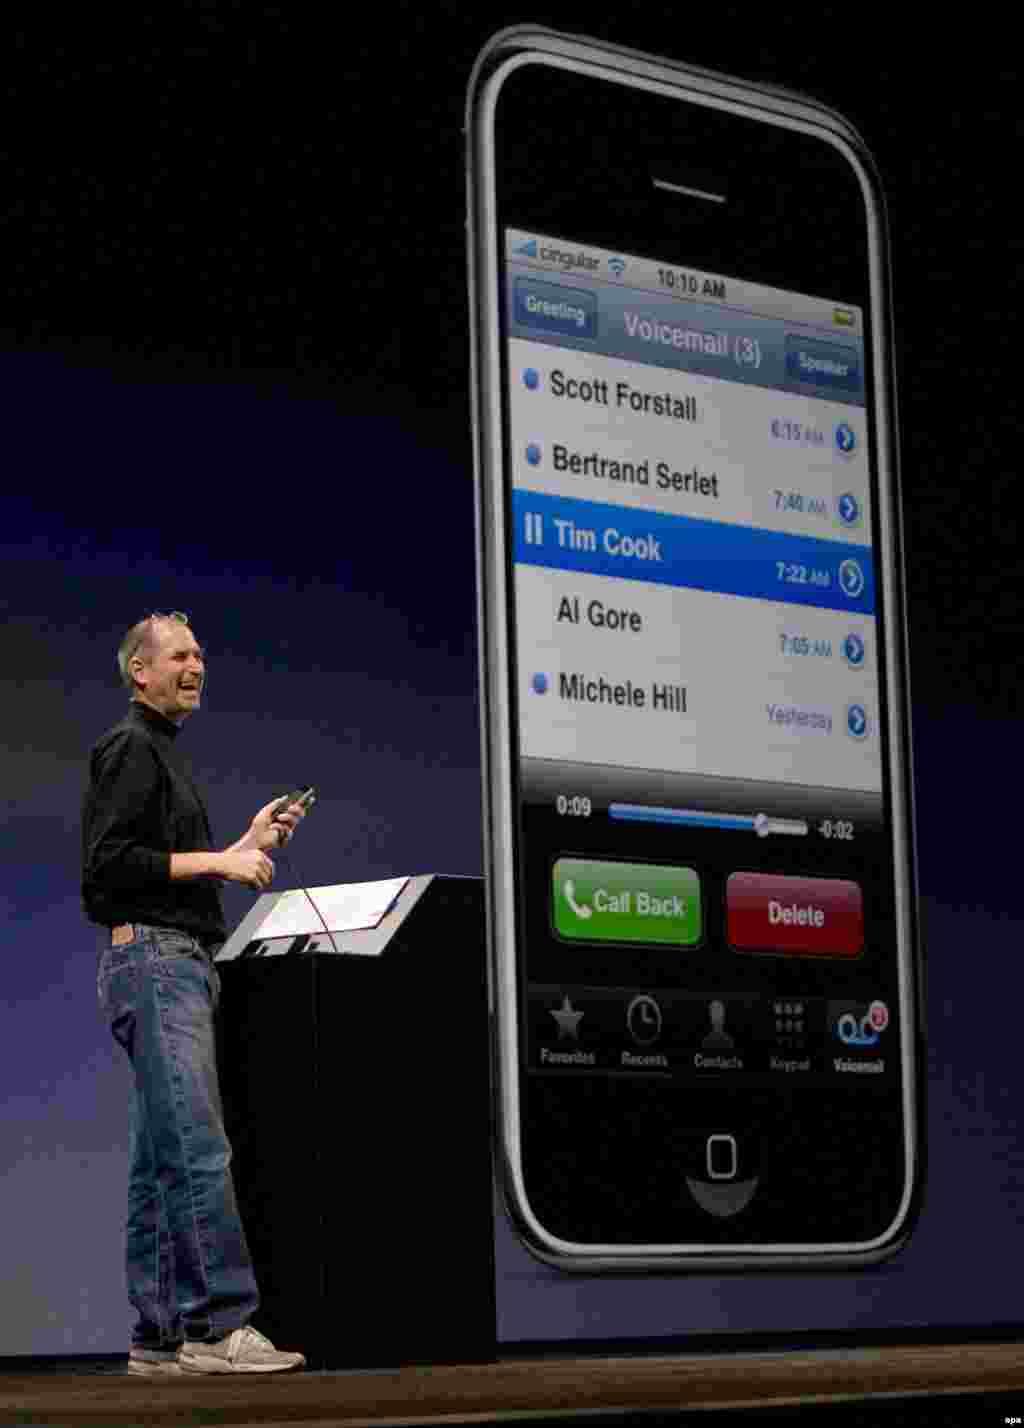 استیو جابز در حال معرفی گوشی آی فون در سان فرانسیسکو